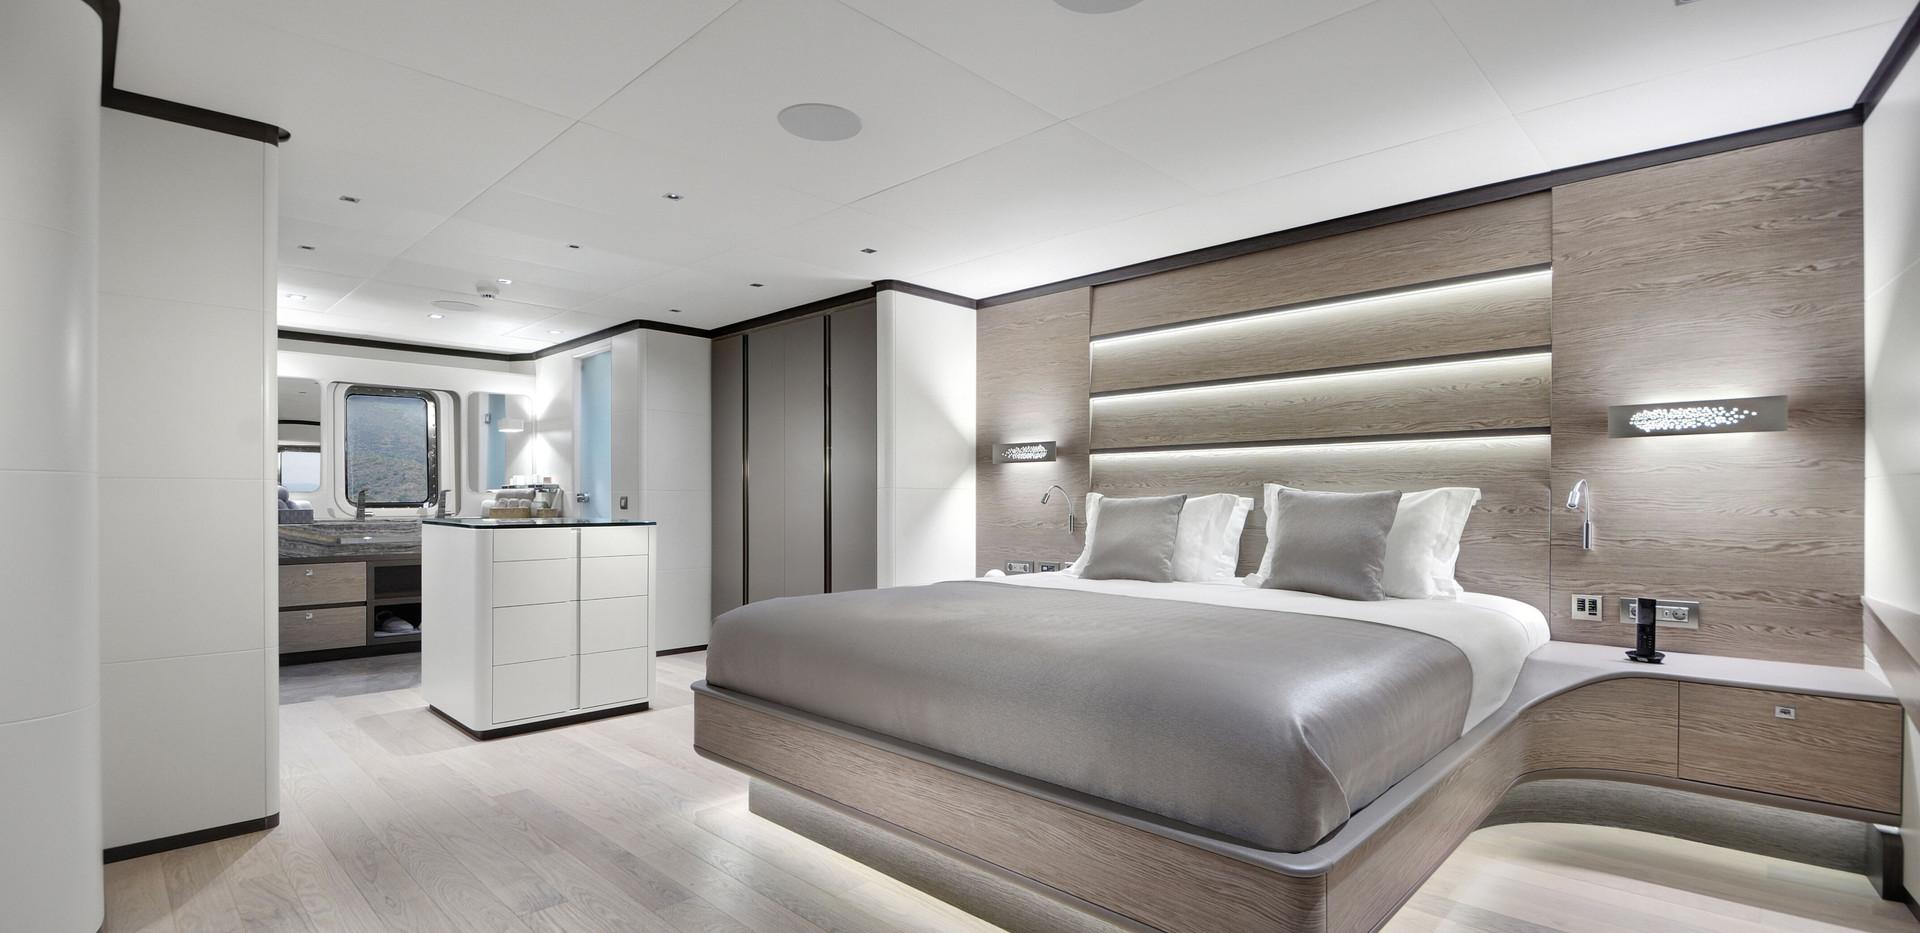 All About U 2 Yacht Charter Turkey 2020-